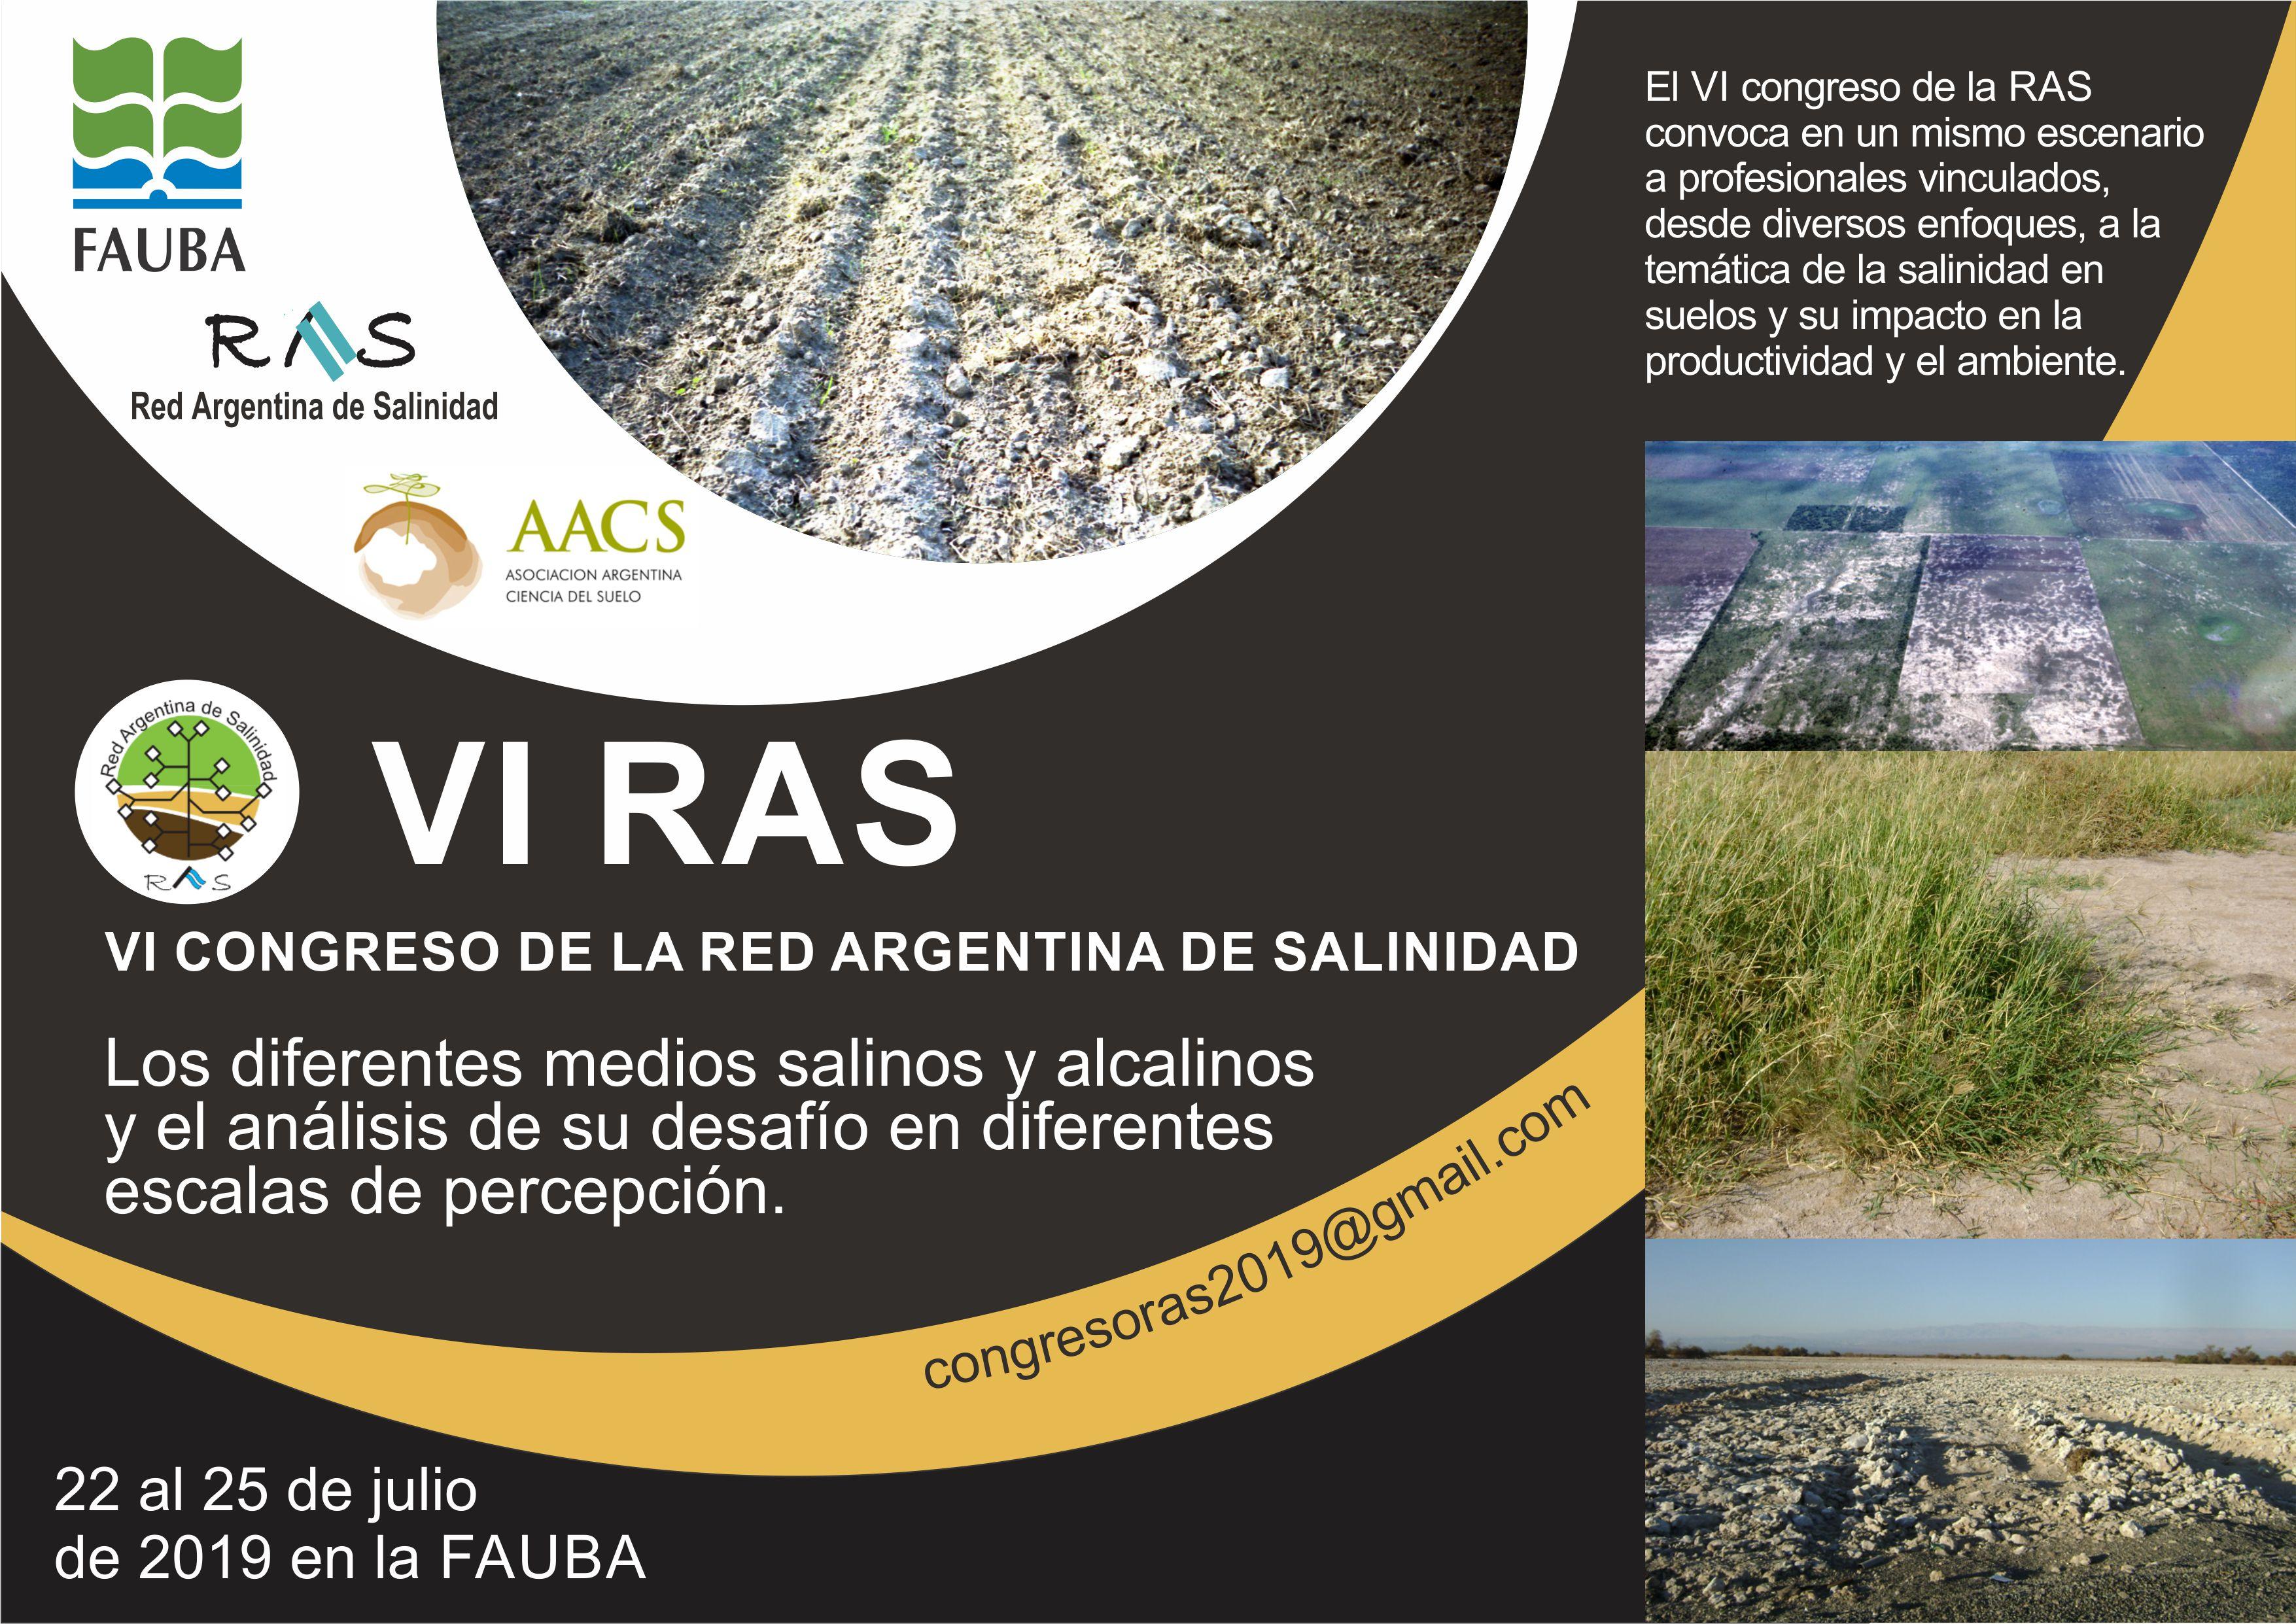 Imagen VI RAS